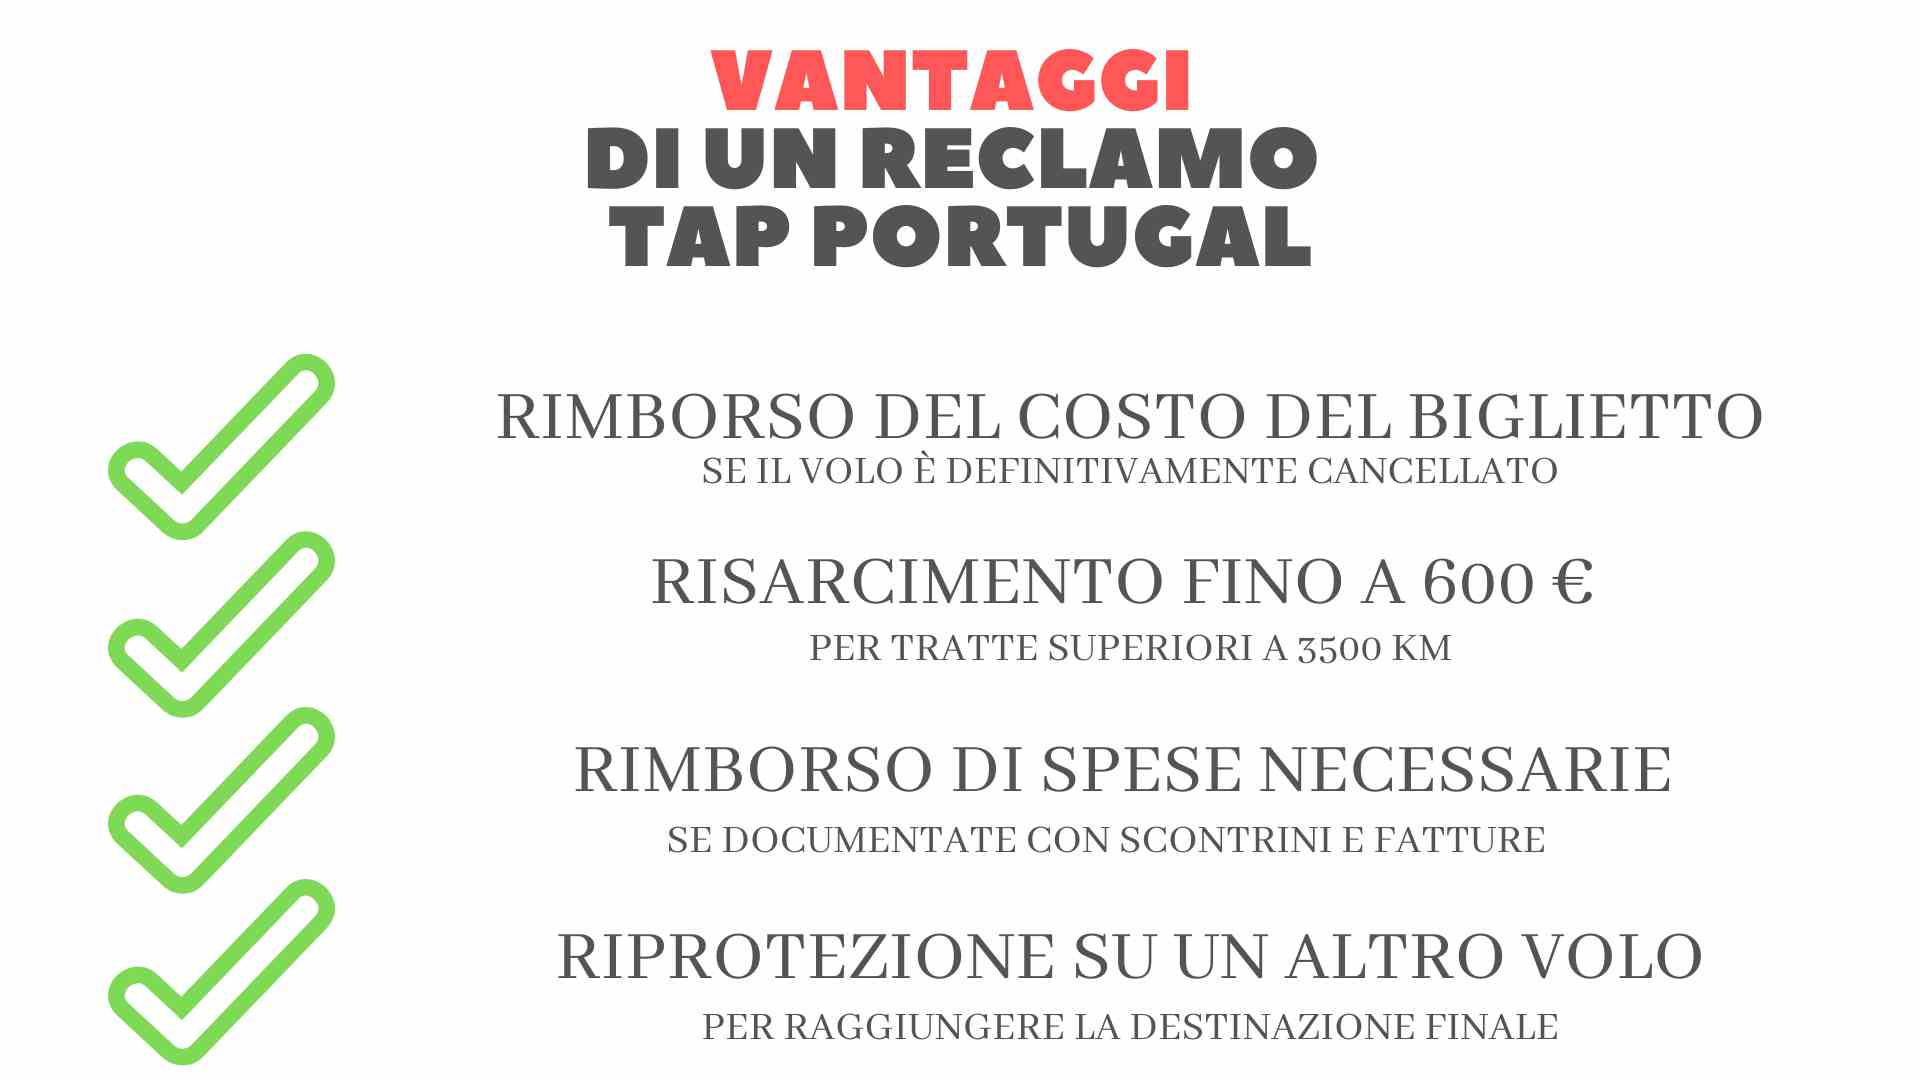 Vantaggi di un reclamo Tap Portugal